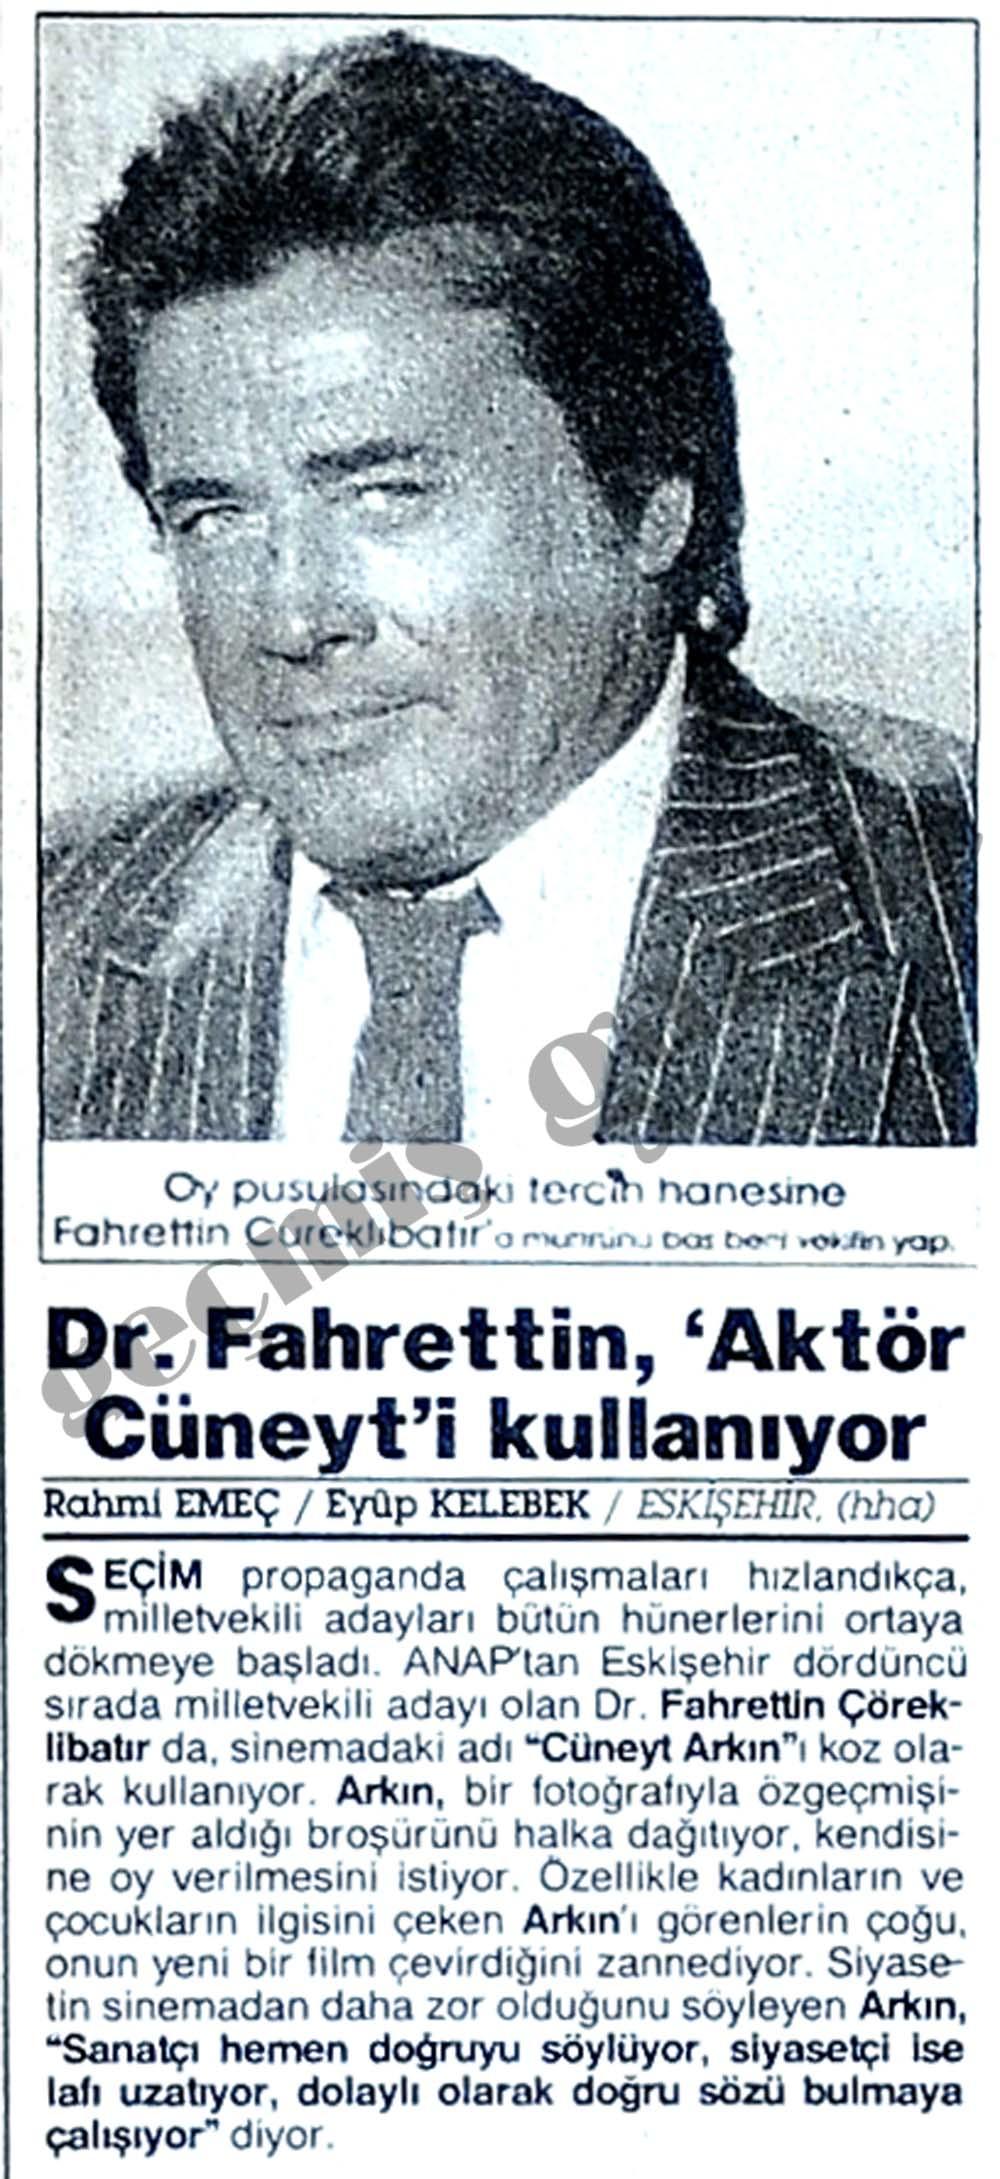 Dr. Fahrettin, 'Aktör Cüneyt'i kullanıyor